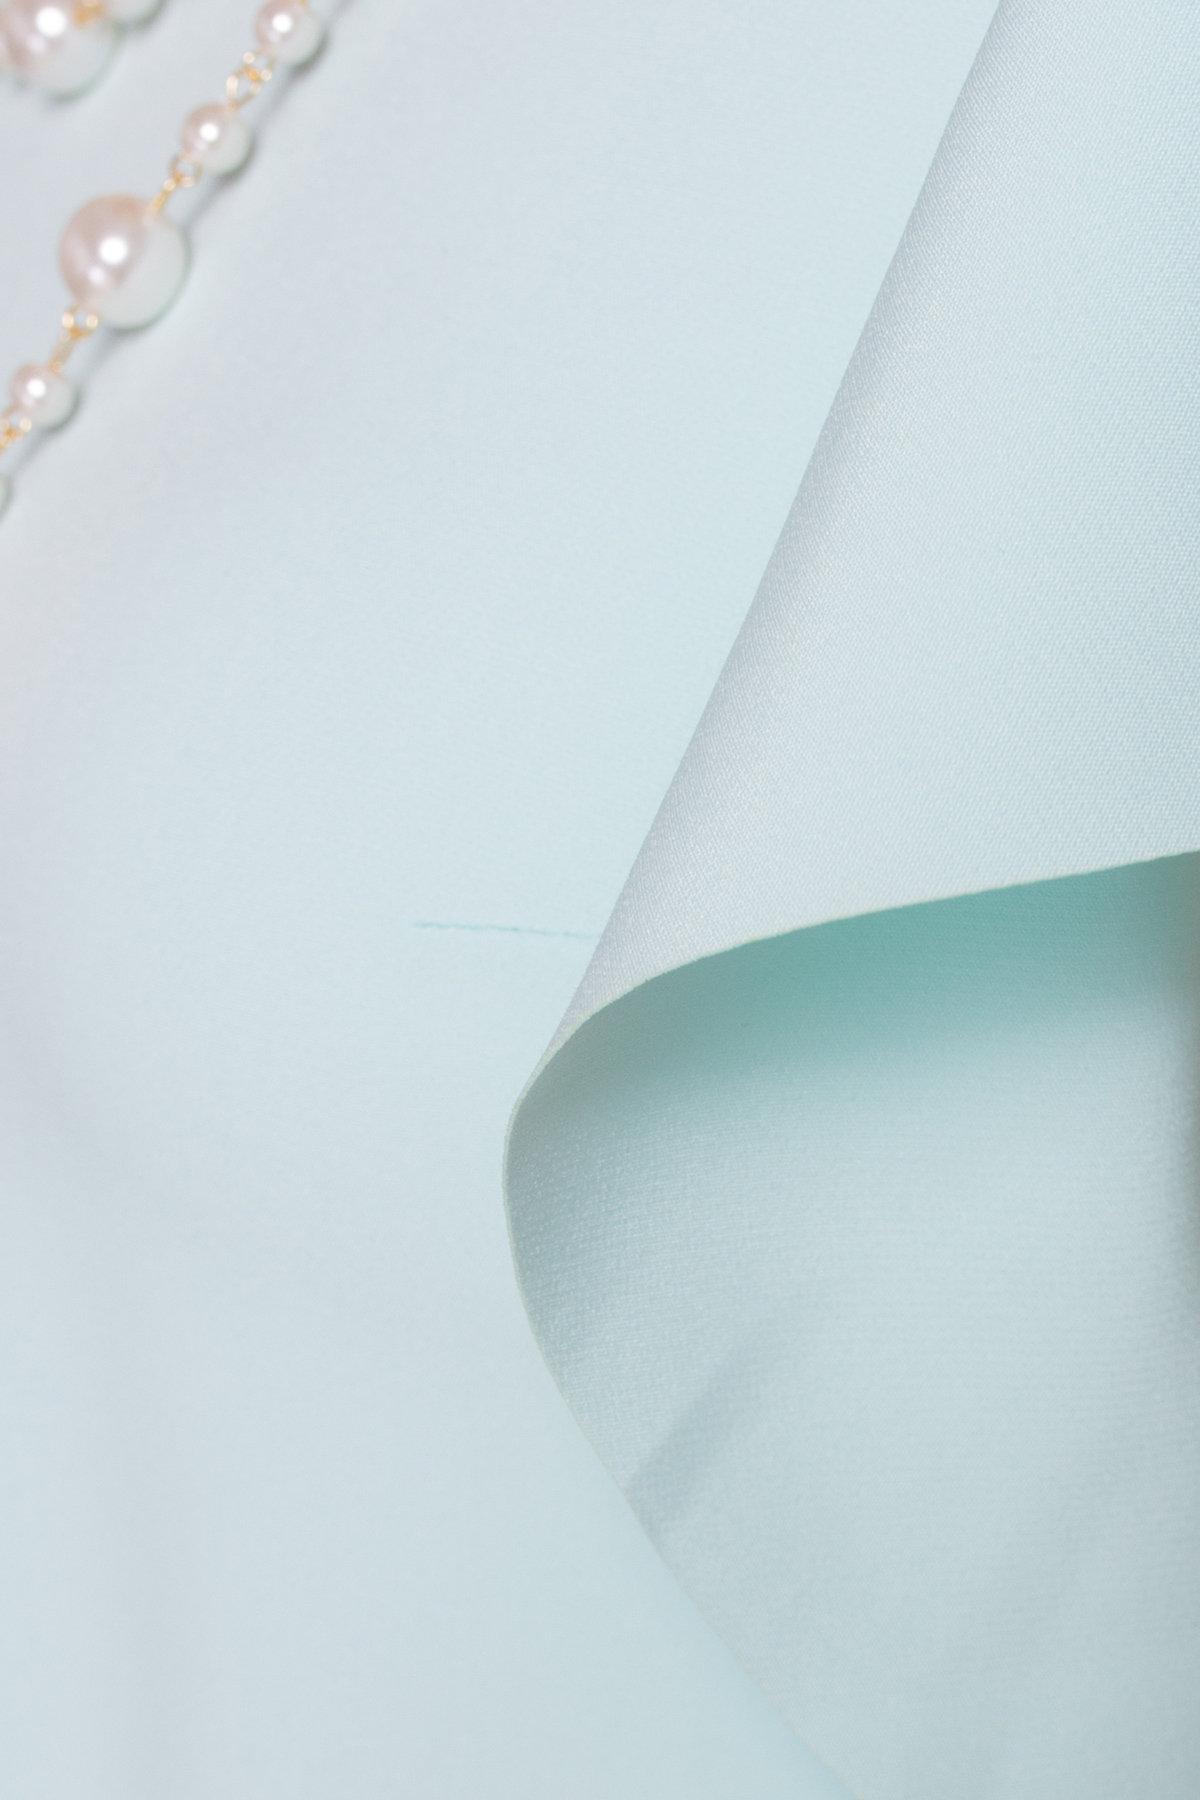 Платье с короткими рукавами летучая мышь Айла  4878 АРТ. 34967 Цвет: Мята - фото 3, интернет магазин tm-modus.ru